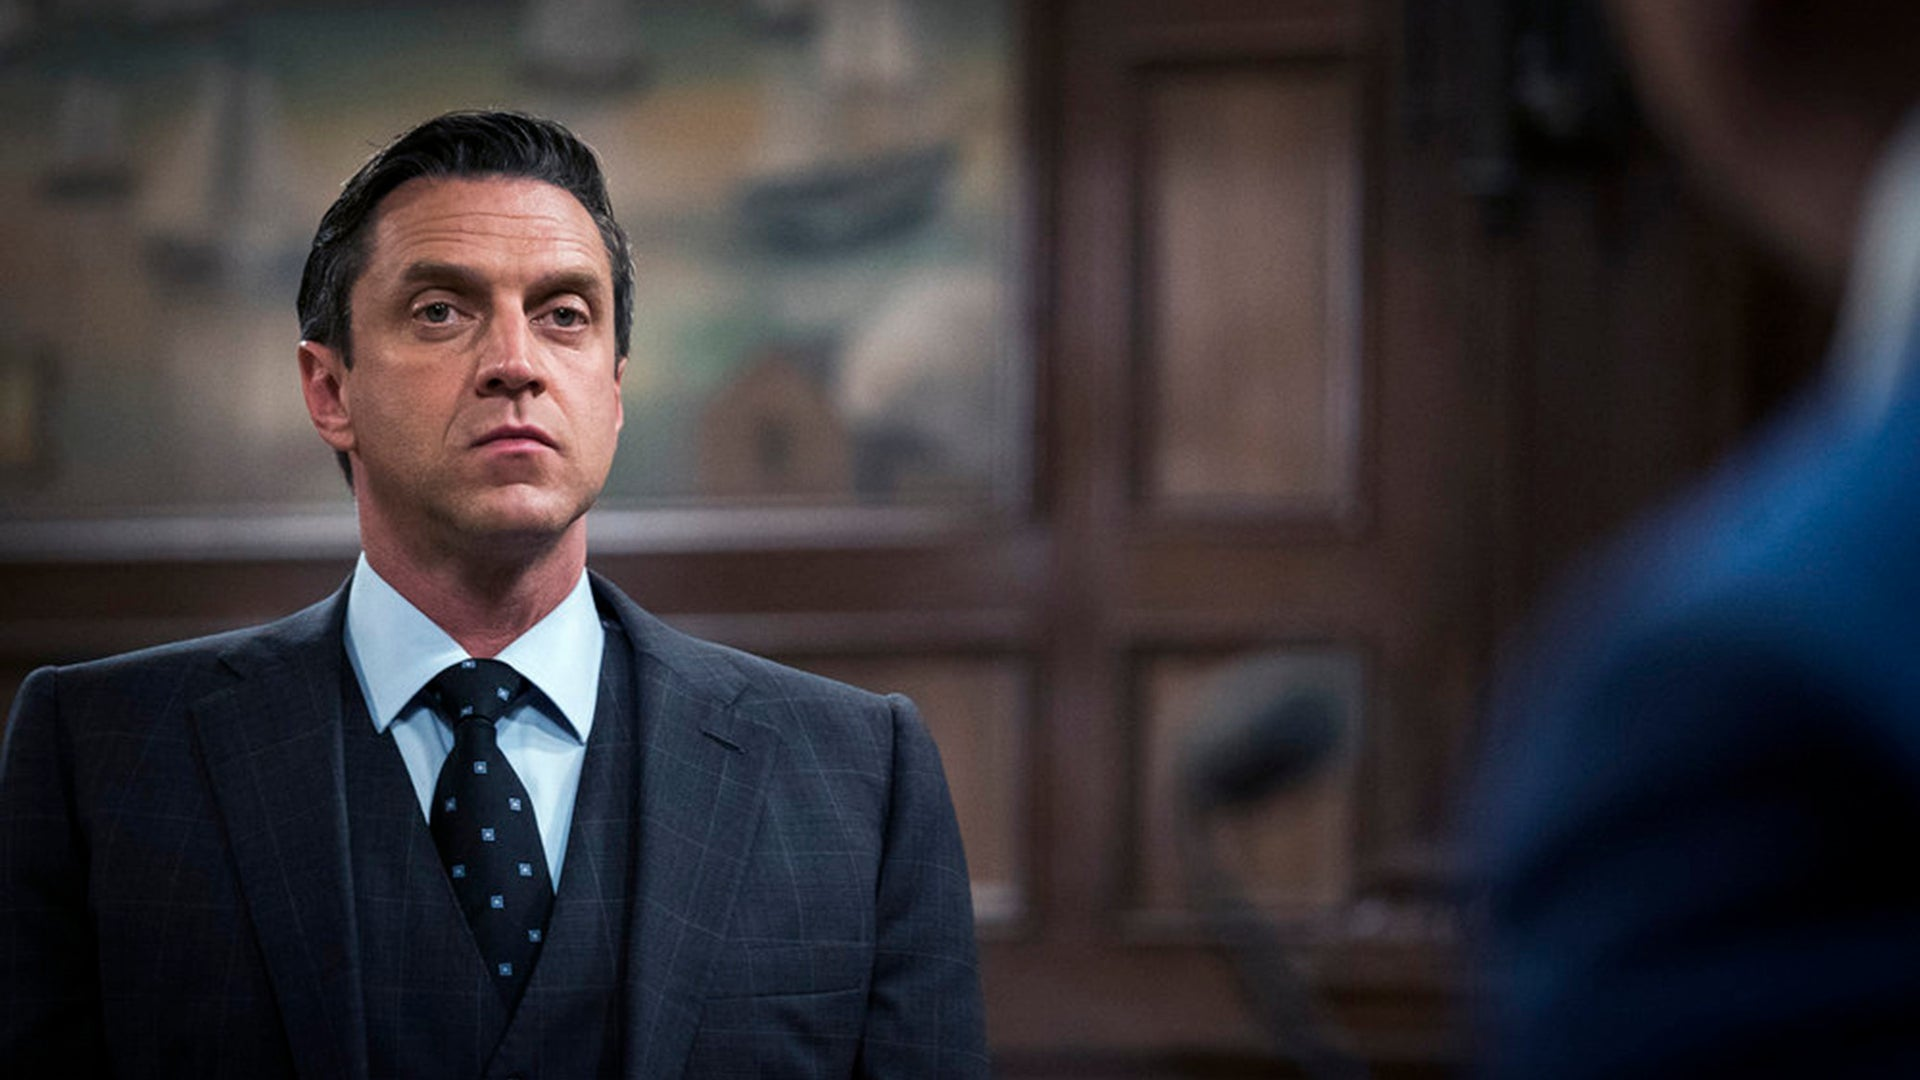   Raul Esparza, Law & Order: SVU